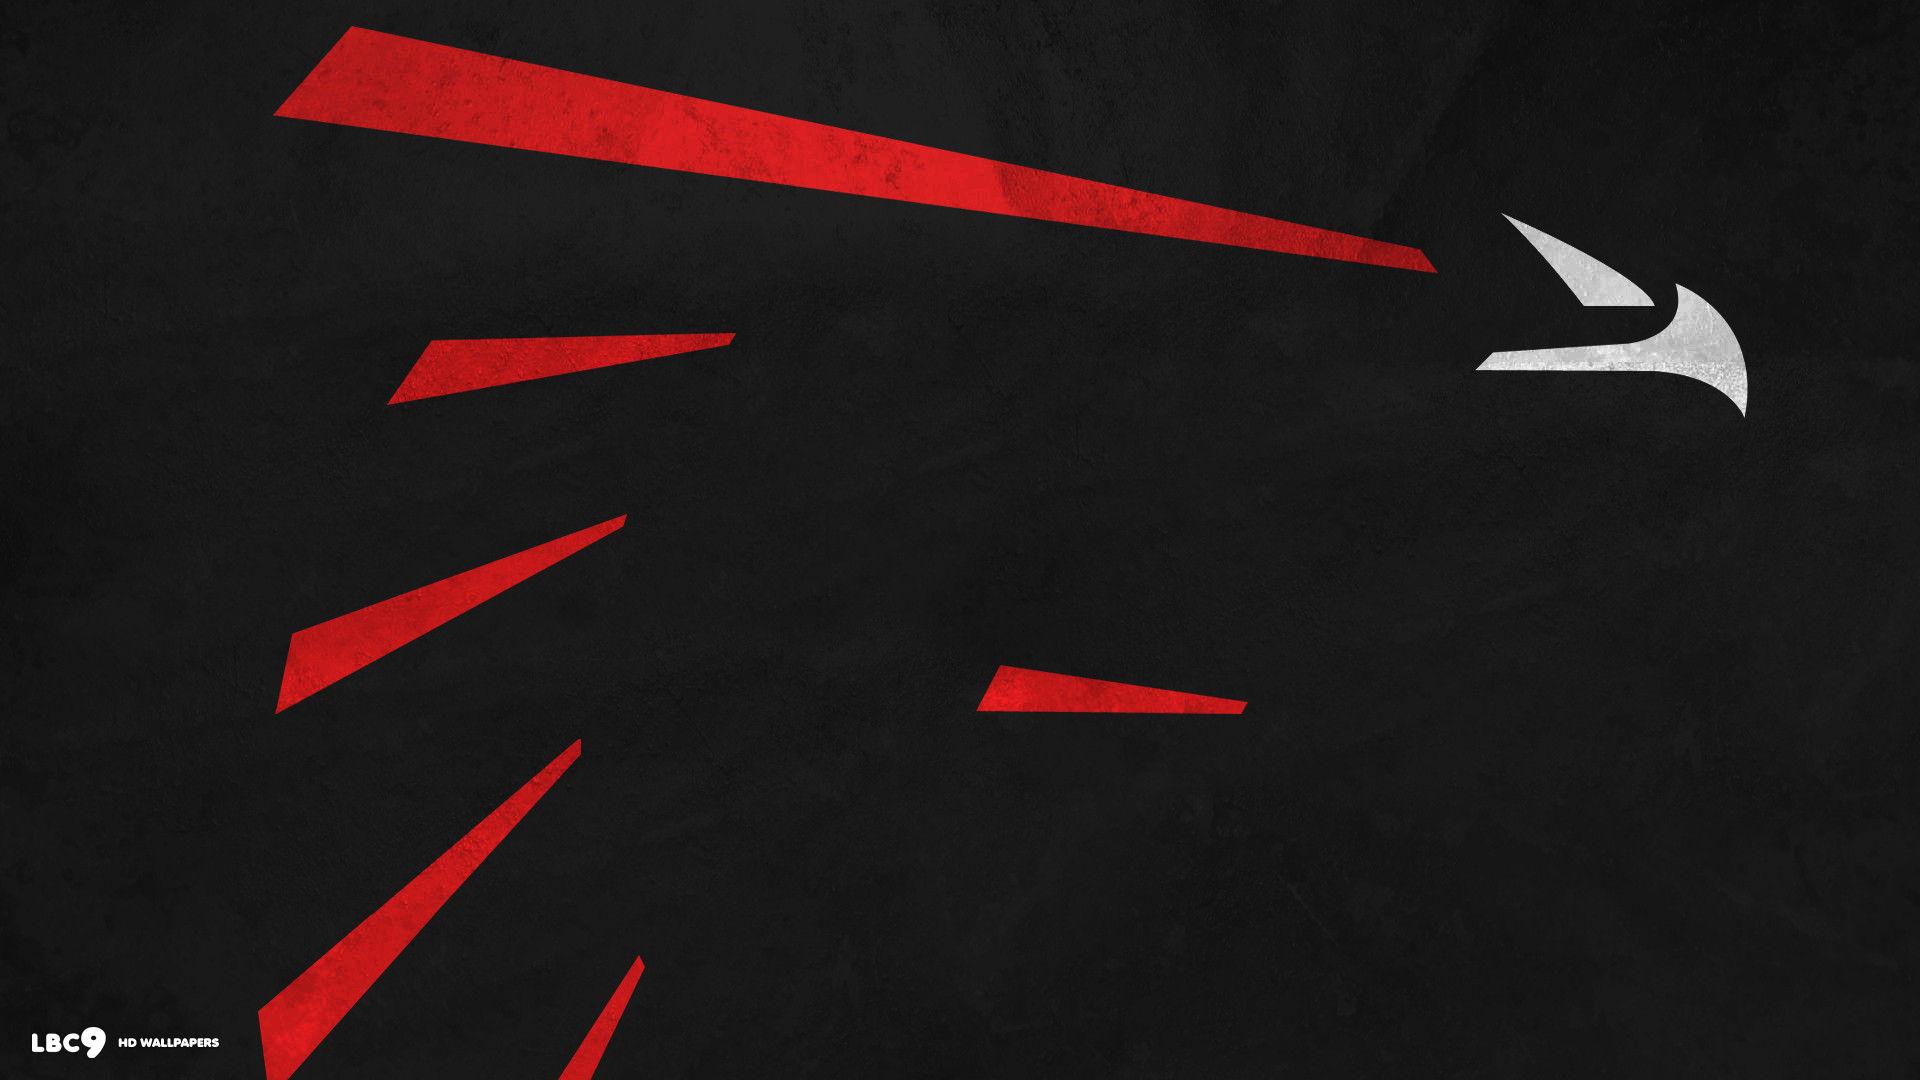 Atlanta Falcons Wallpaper Nfl Teams Hd Backgrounds 1920x1080PX 1920x1080